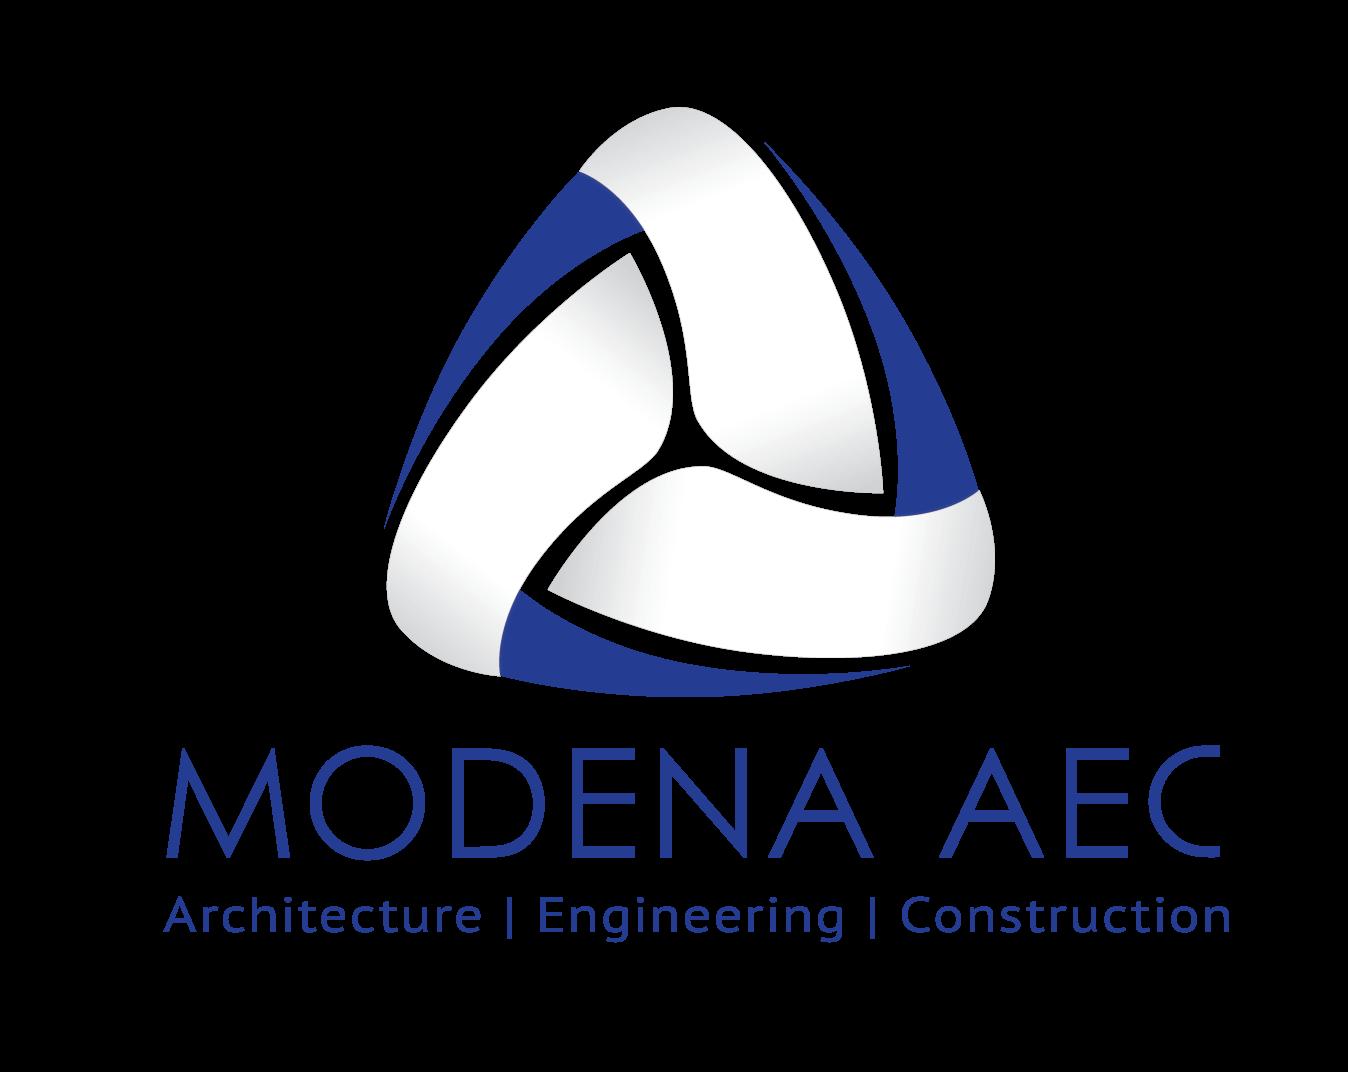 Modena AEC